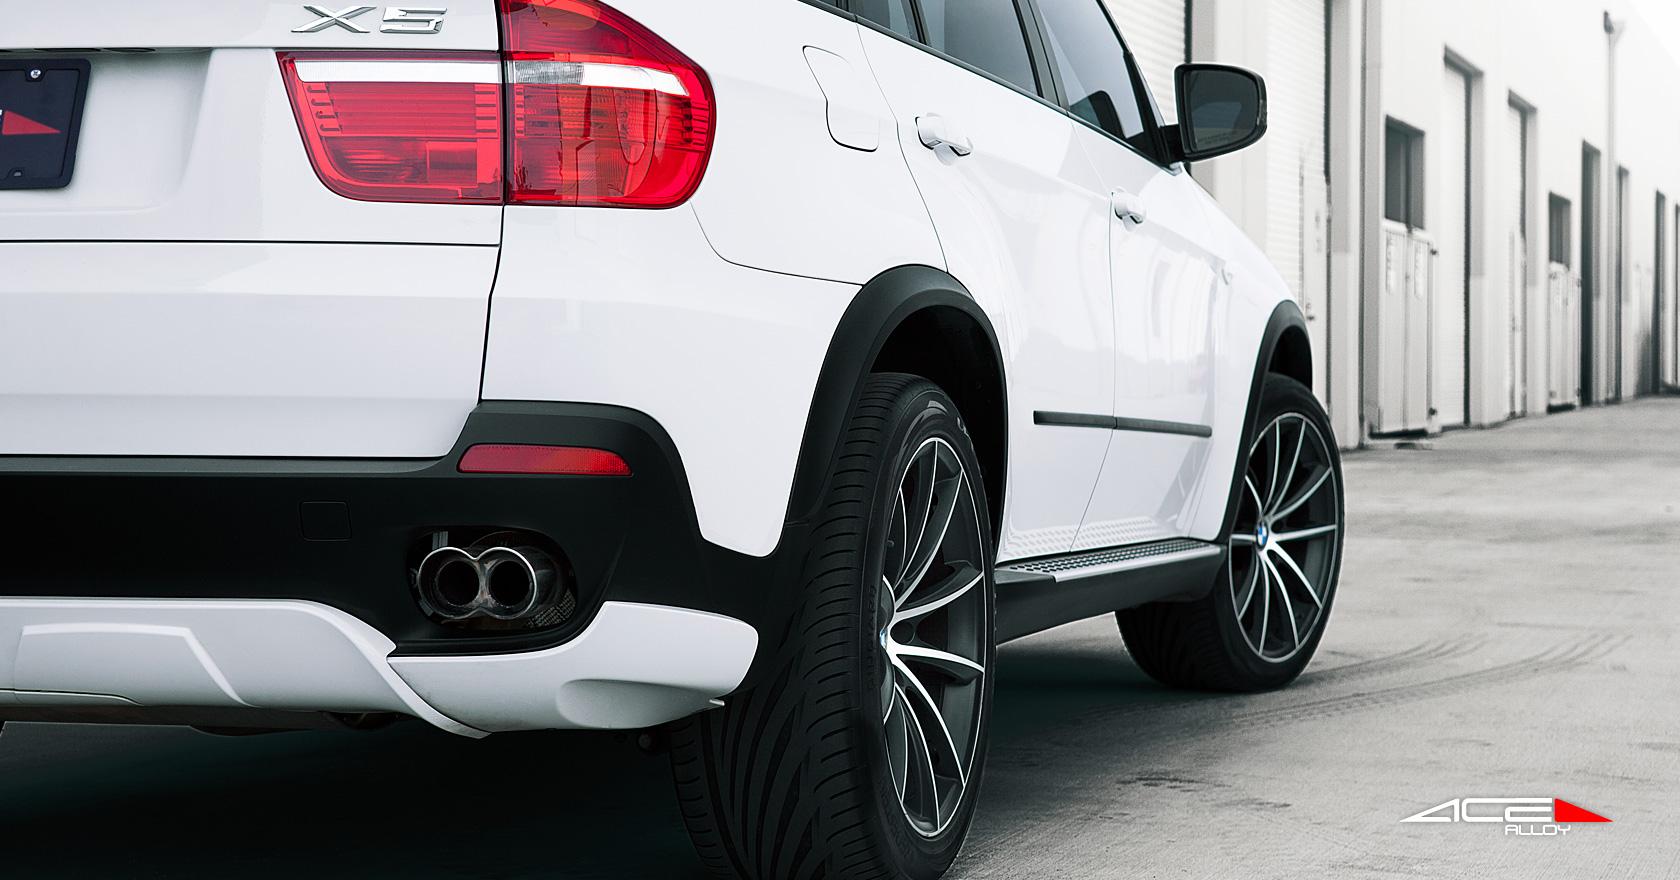 """20"""" wheel Matte Black Convex D704 BMW X5 avail. 20x8.5 / 20x9.0 / 20x10.0 / 20x10.5 / 22x9.0 / 22x10.5"""